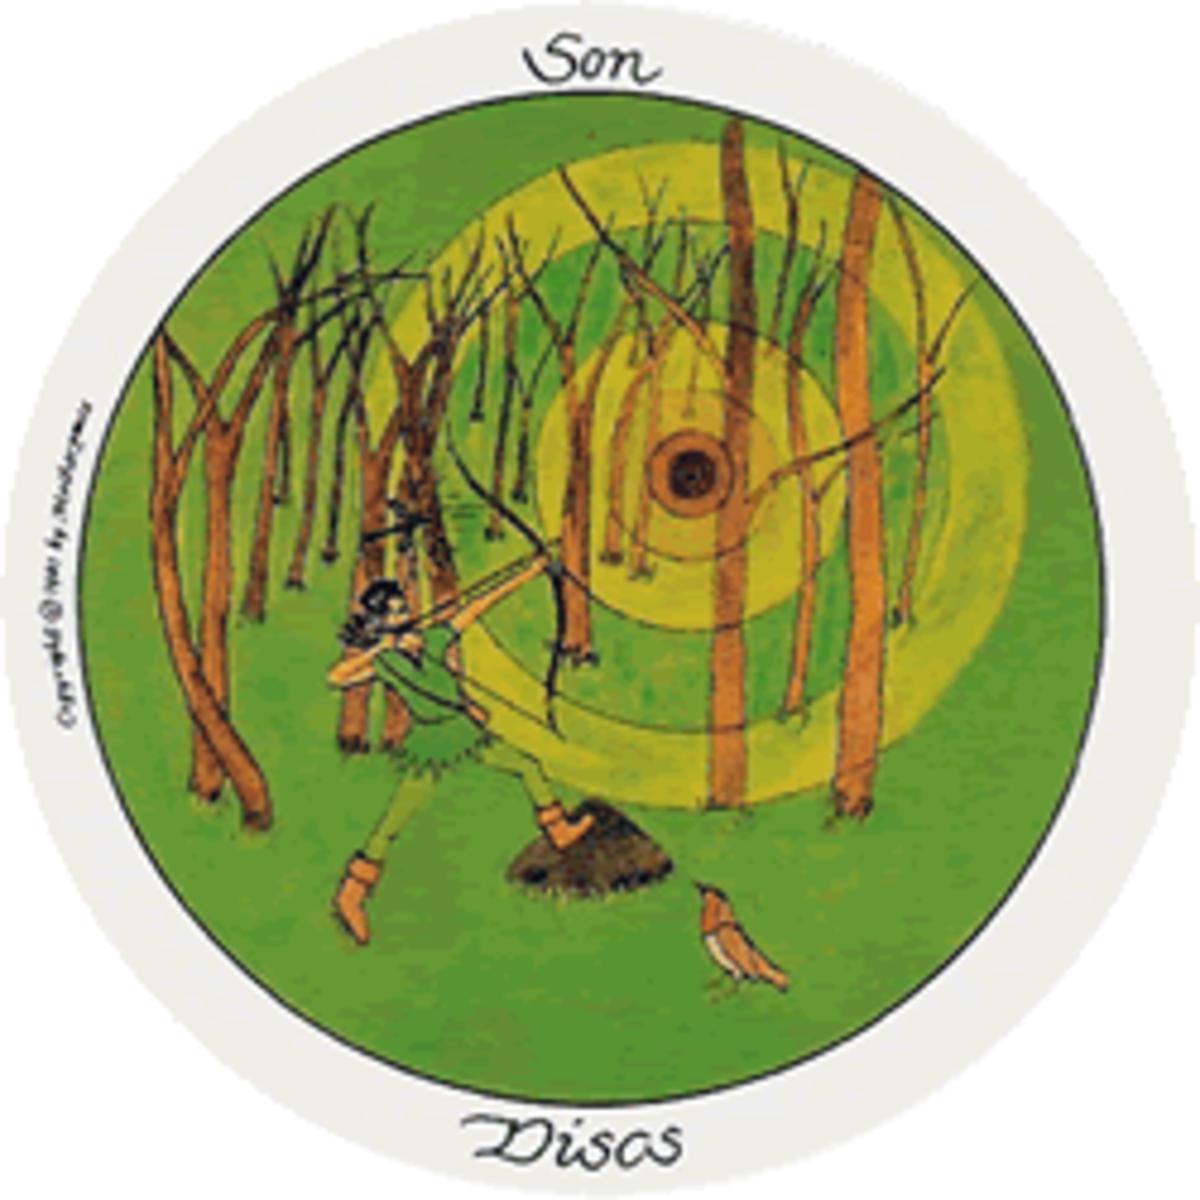 Son of Discs